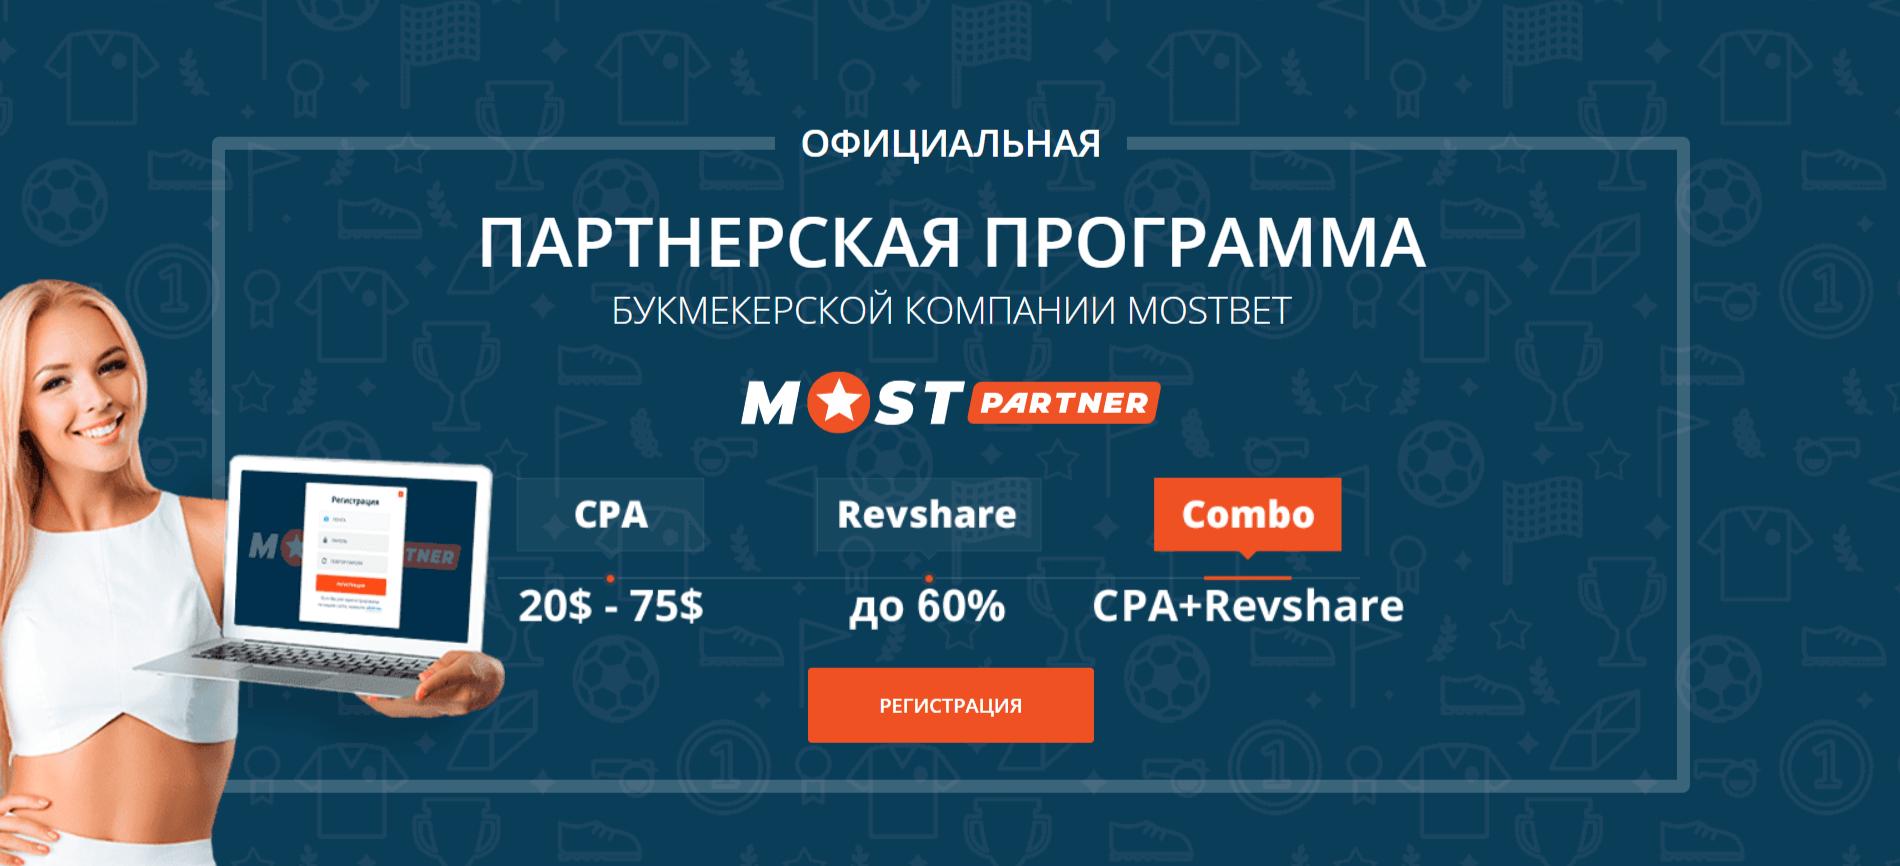 mostpartner mostbet partners